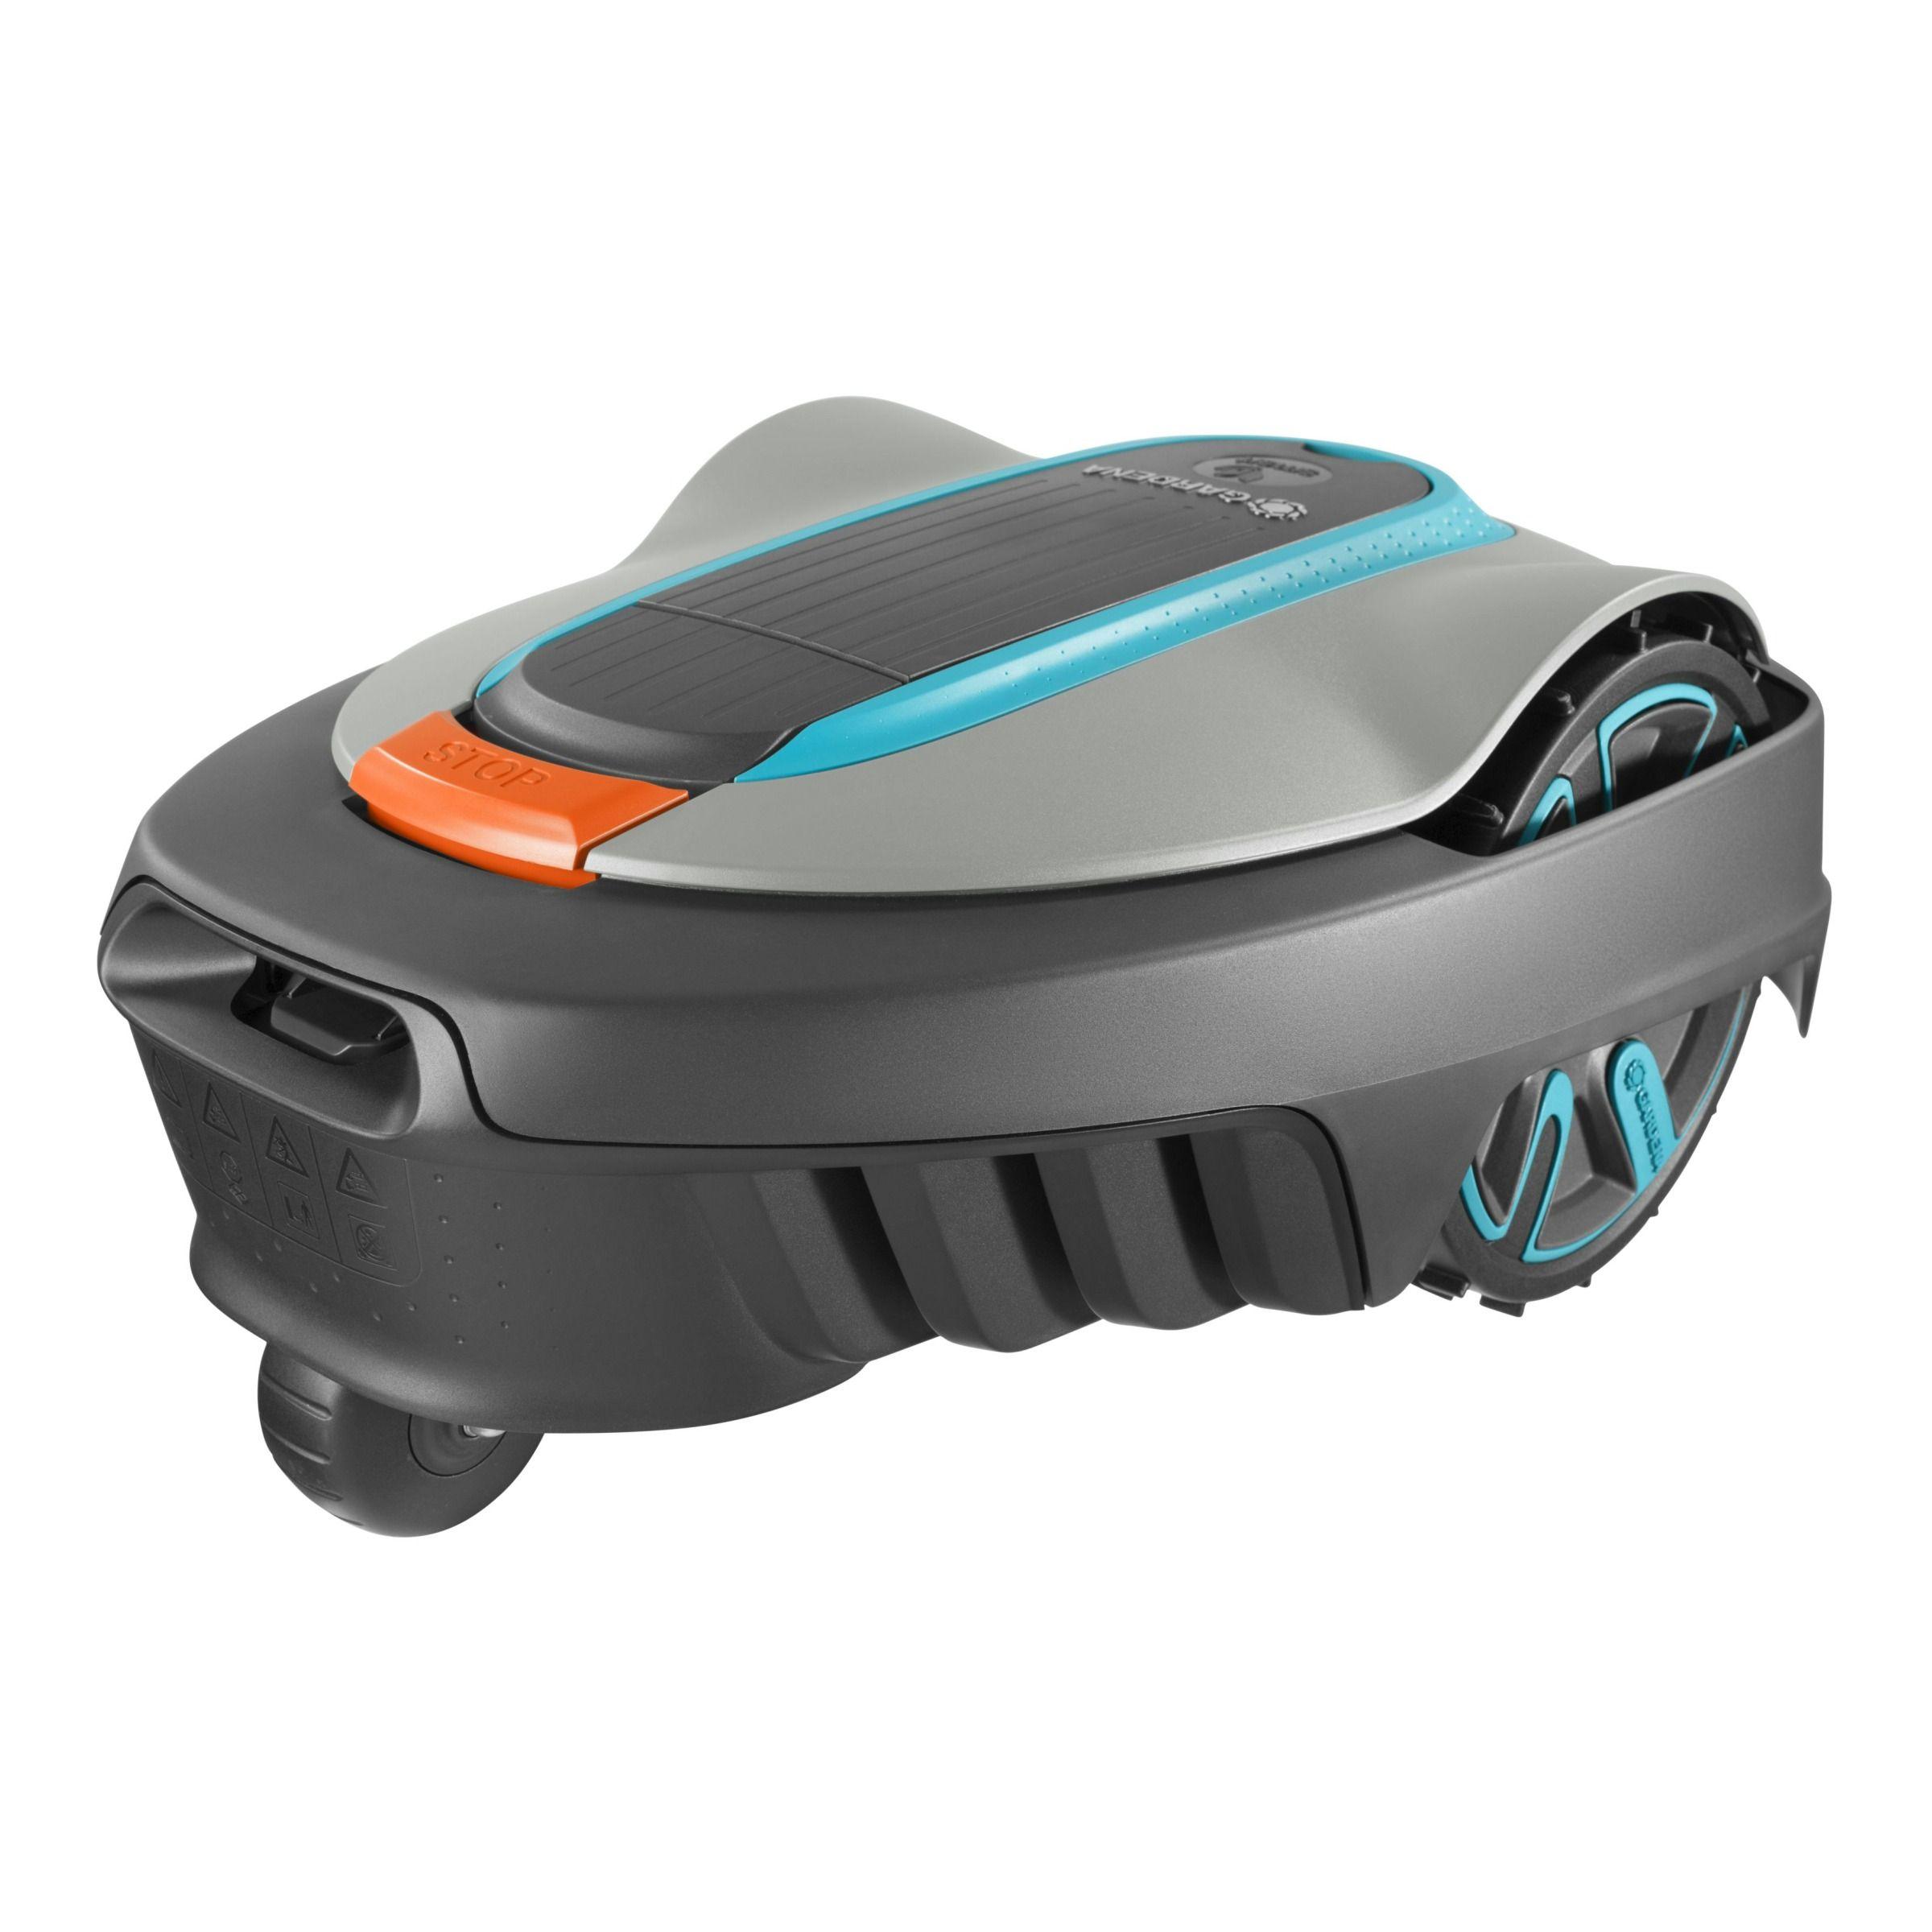 Gardena Robotmaaier Smart Sileno City 500 Grasmaaier Gazon En Tuingereedschap